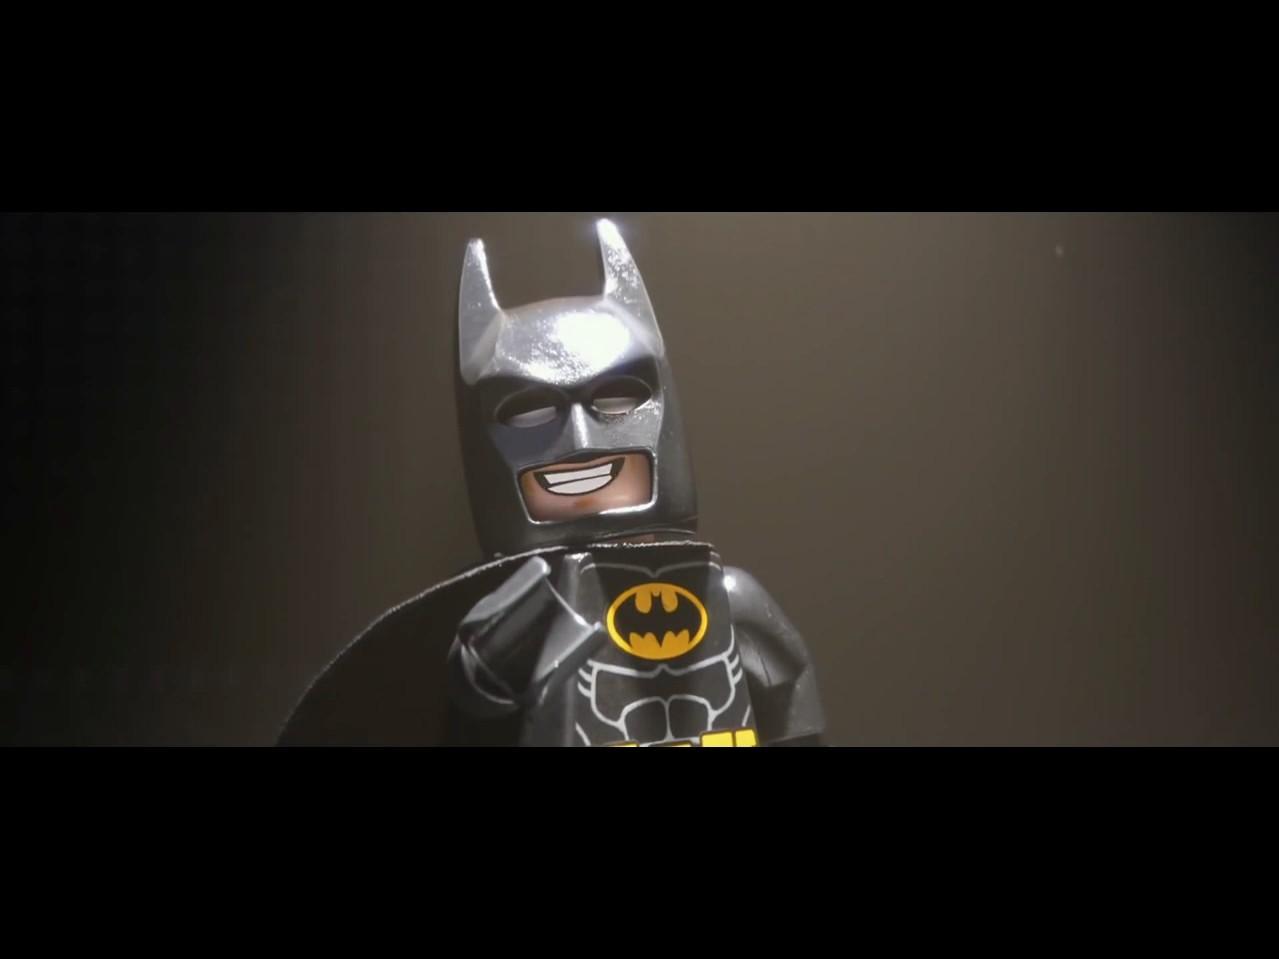 Lego Batman Quotes. QuotesGram